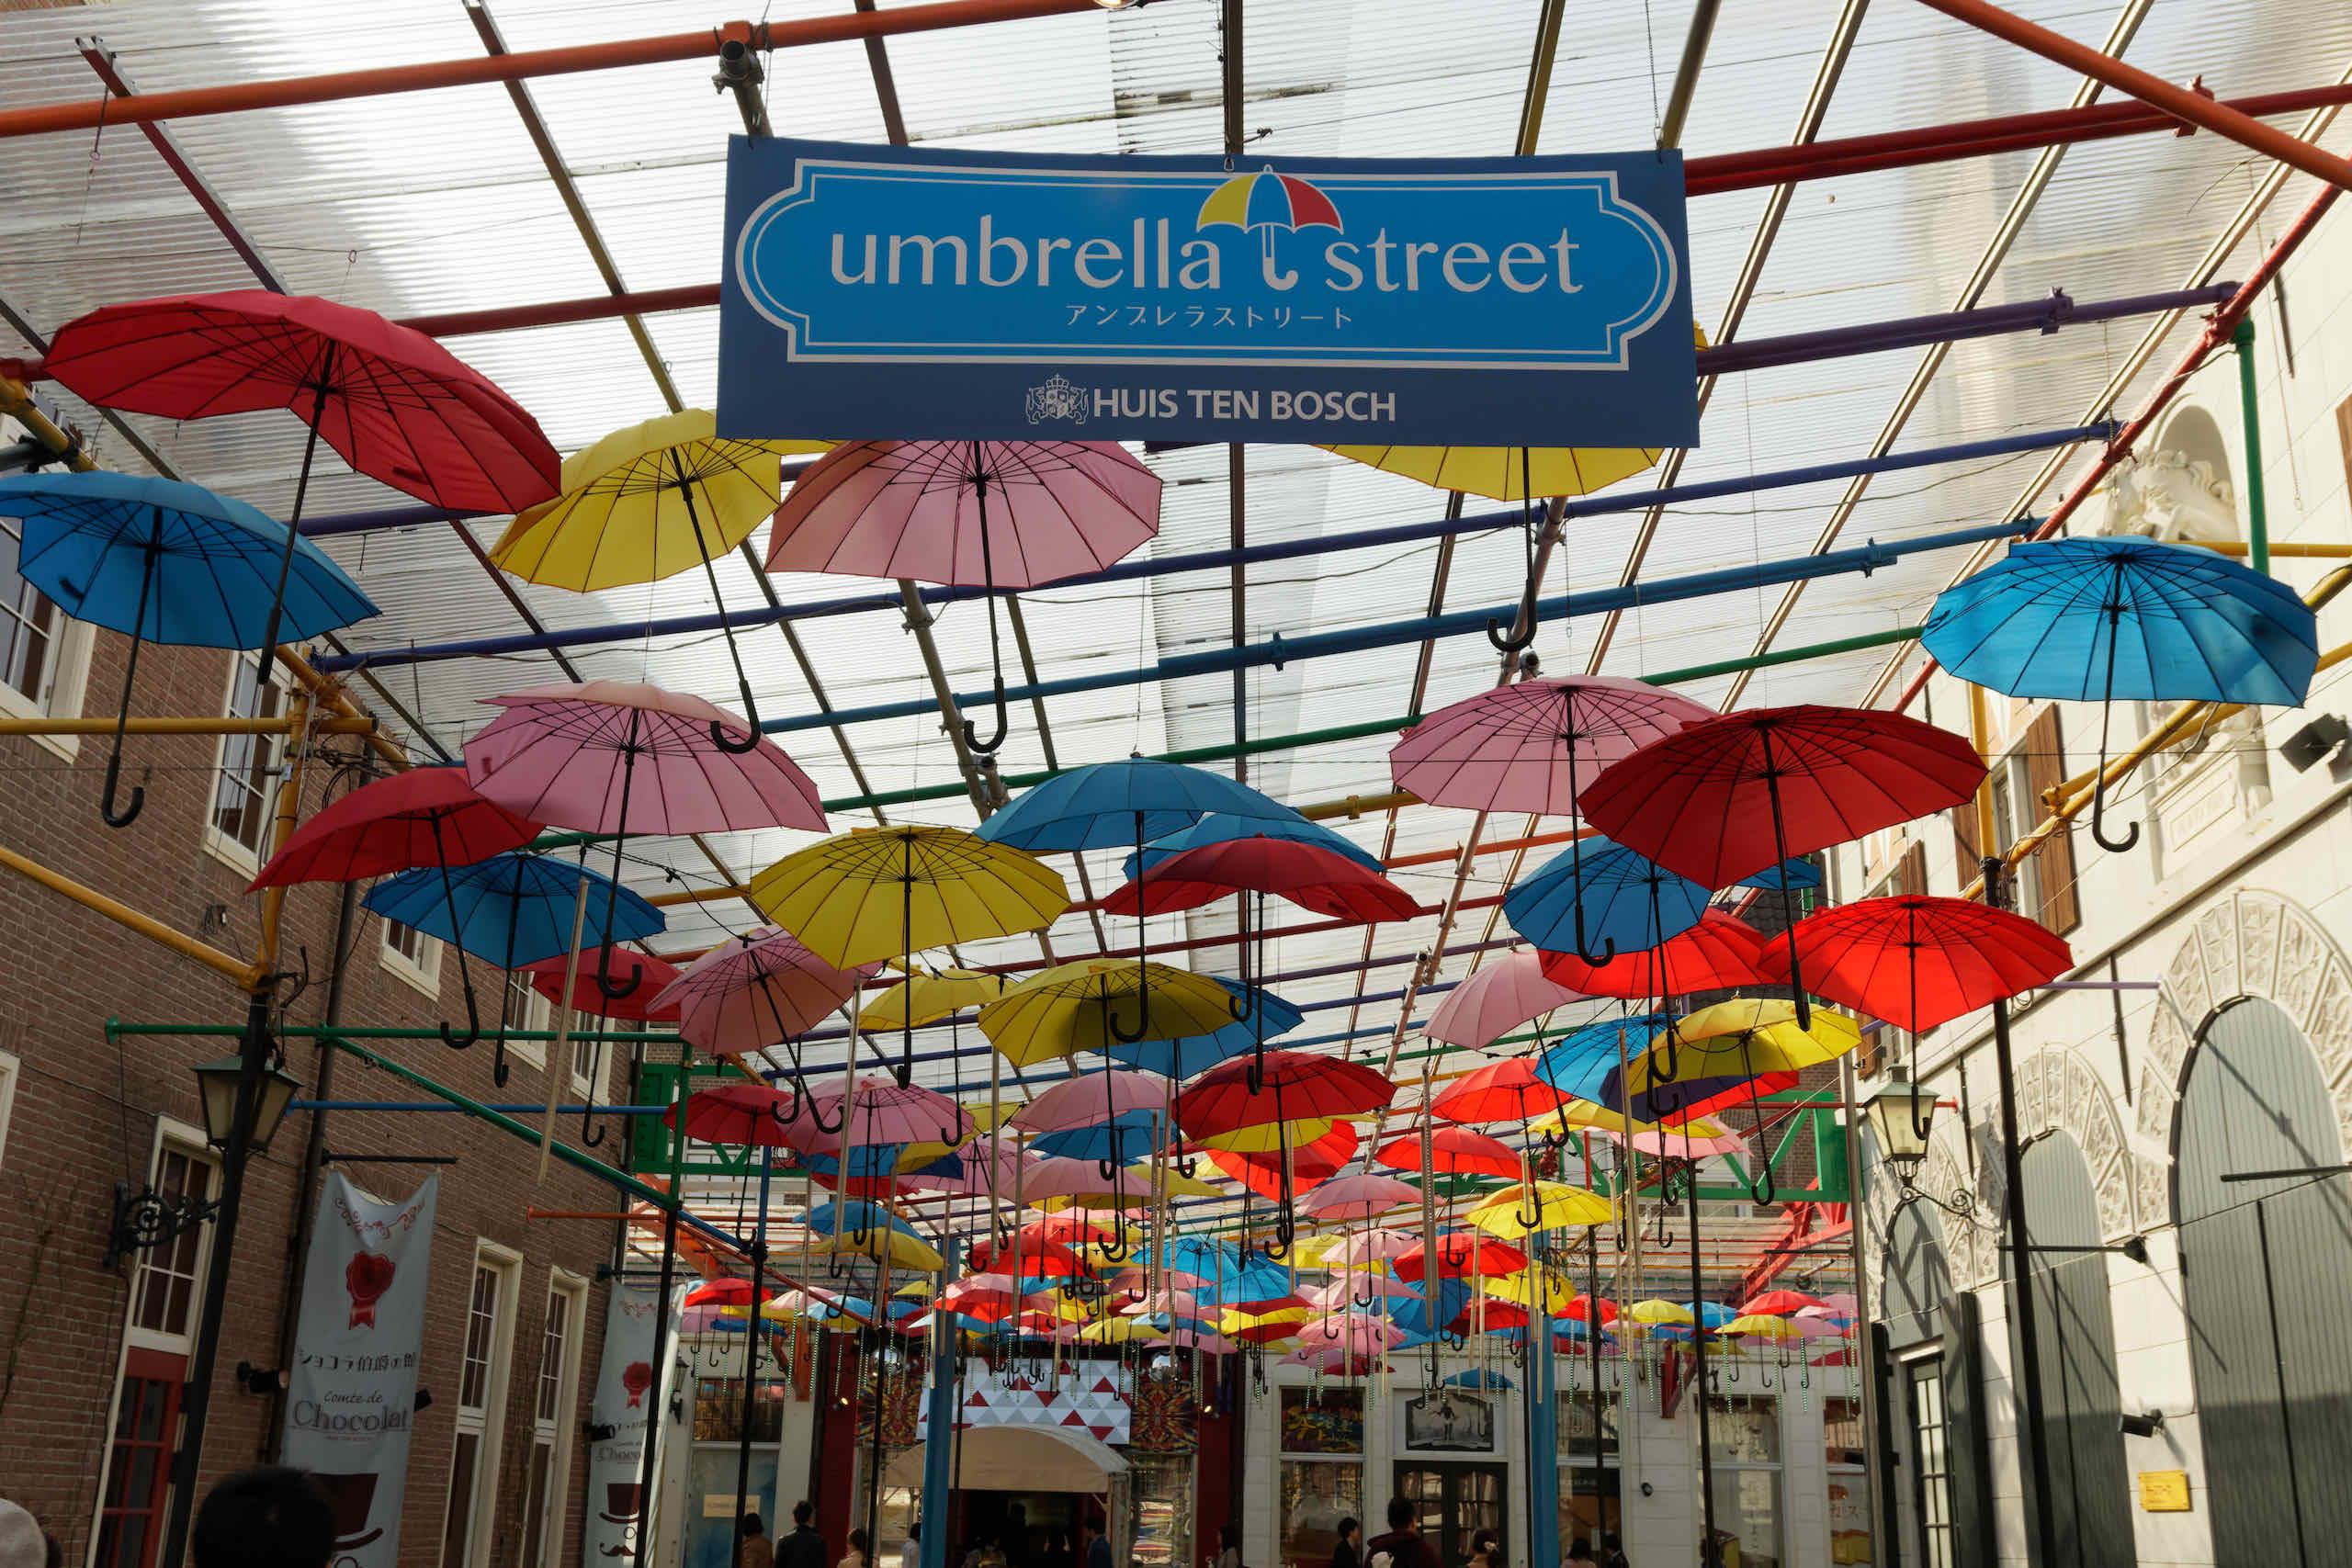 umbrella st